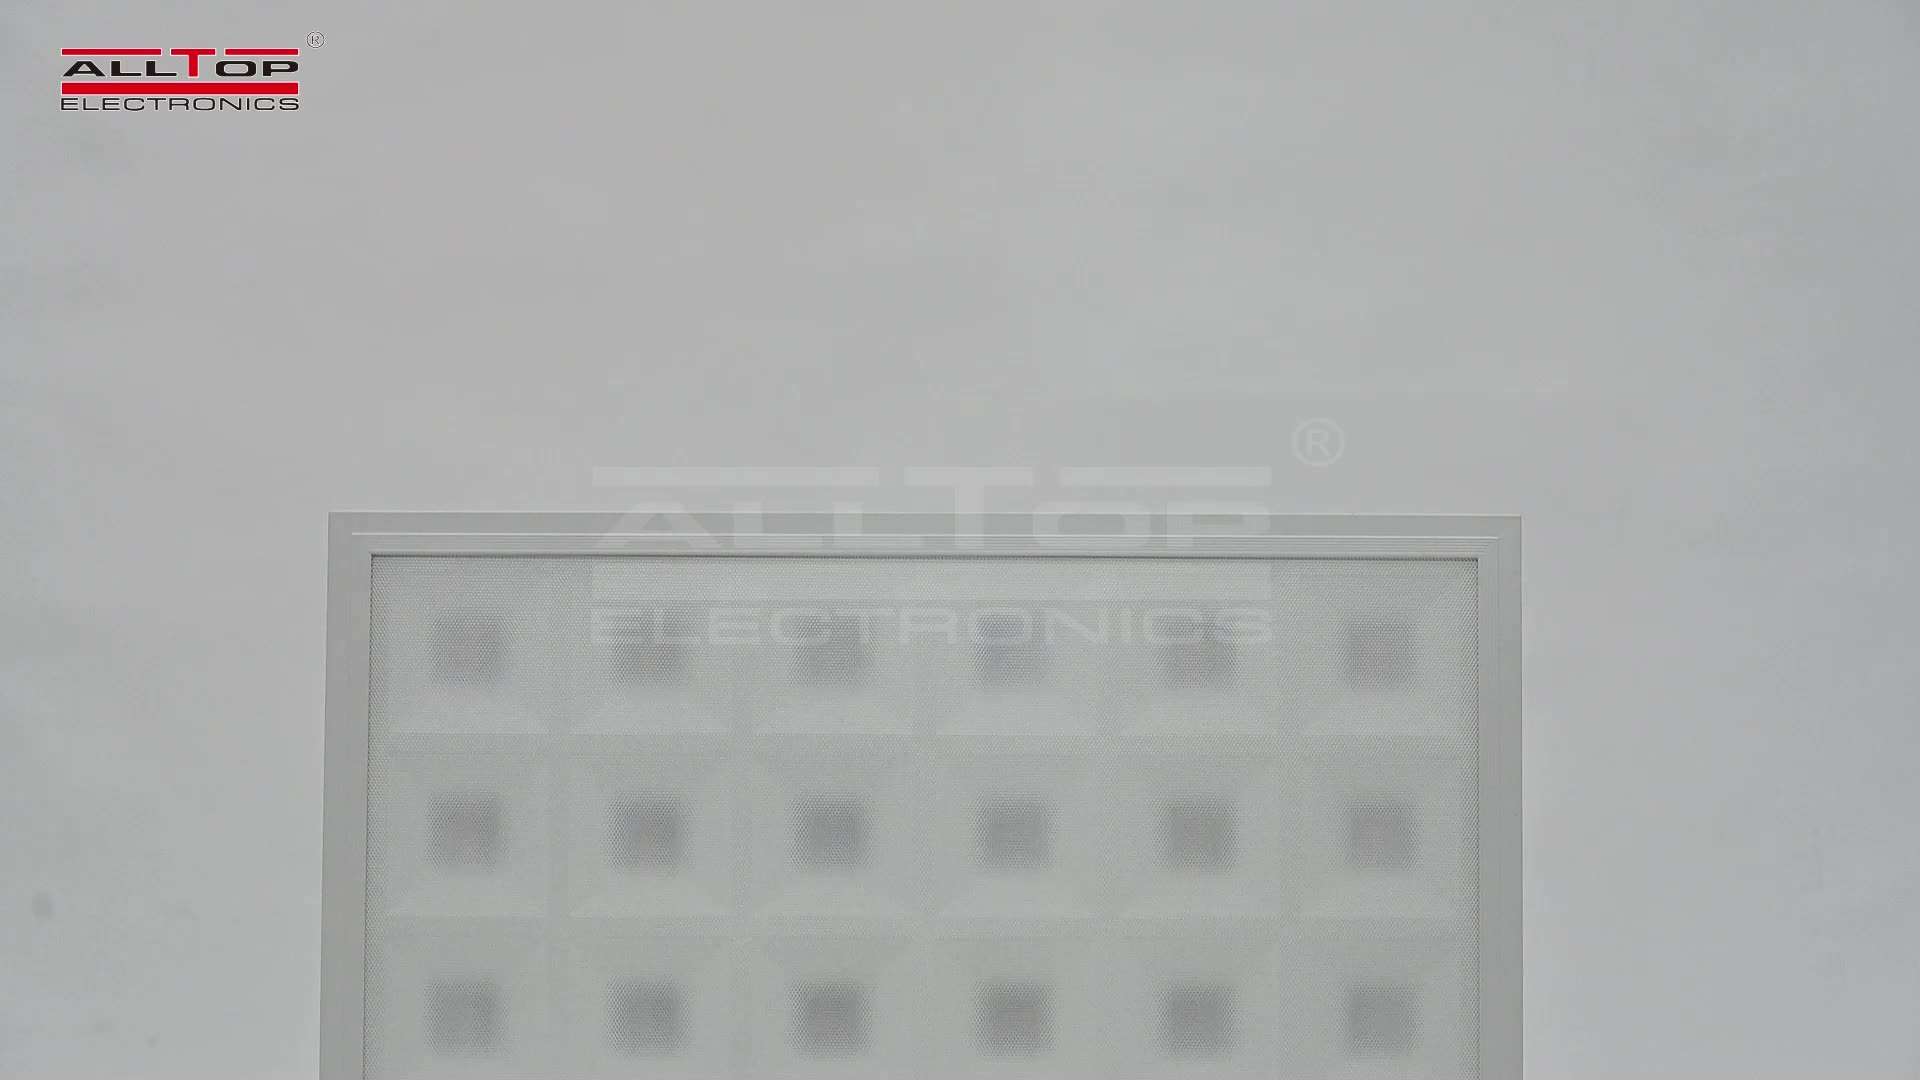 Led panel AYDINLATMA 60x60 led sihirli küp etkisi düz panel duvar için ışık tavan aydınlatma 48W